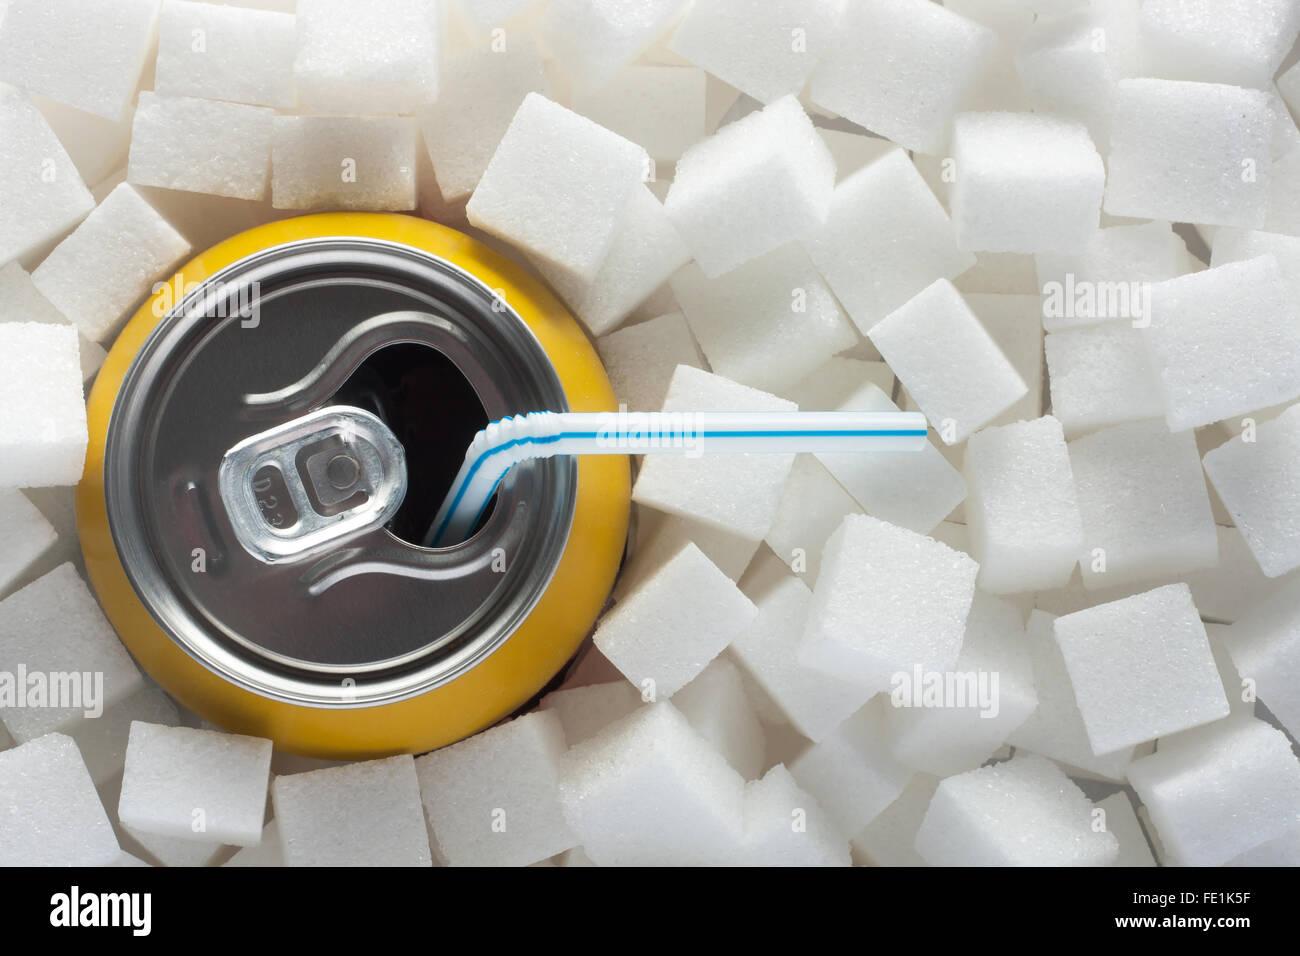 Ungesunde Lebensmittel Konzept - Zucker in kohlensäurehaltige Getränke. Zuckerwürfel als Hintergrund Stockbild